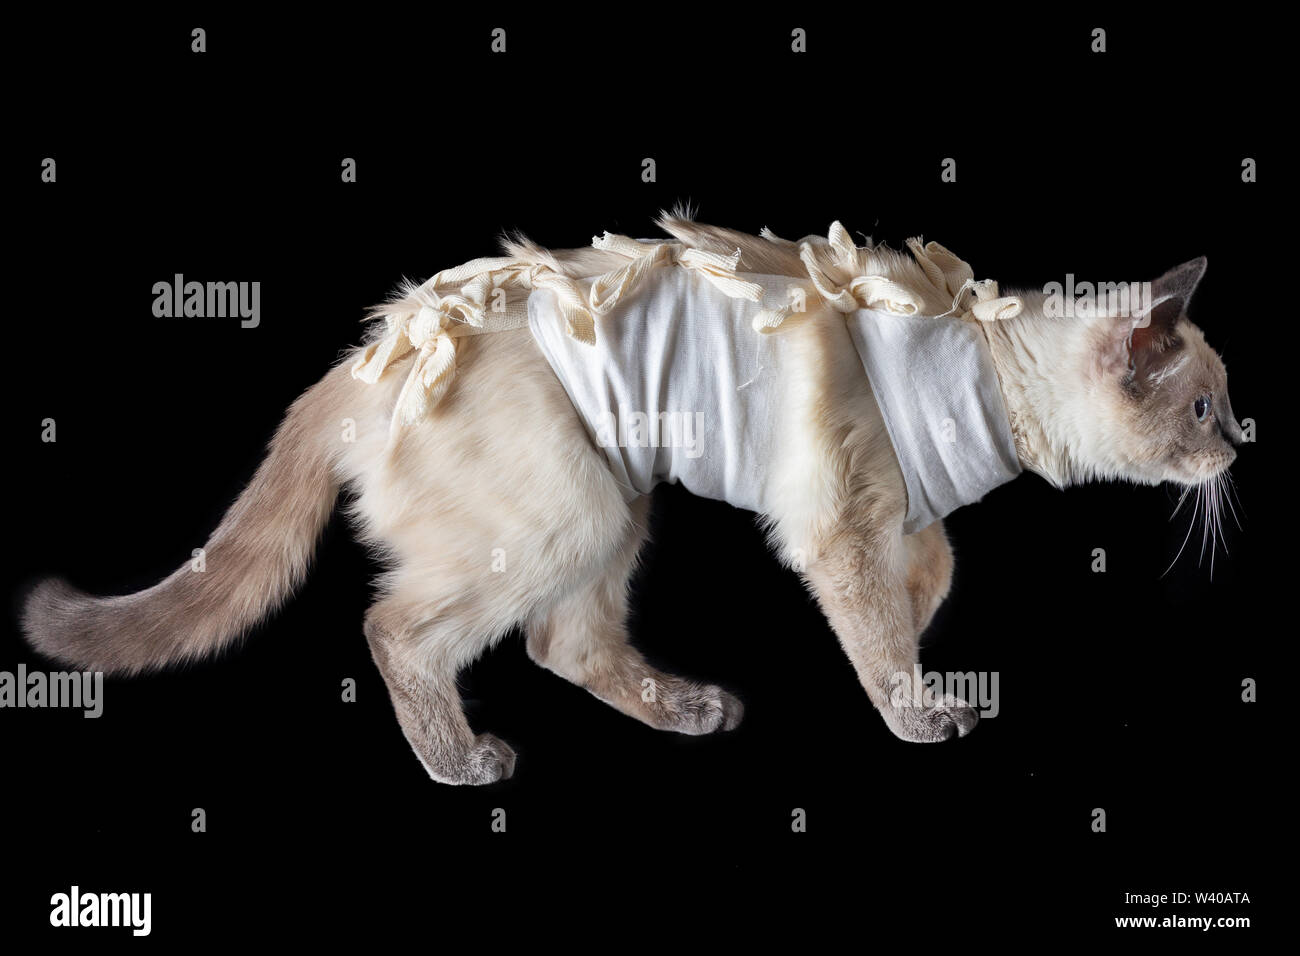 Thai cat dans un pansement postopératoire sur un fond noir. Isolé sur noir, Close up Photo Stock